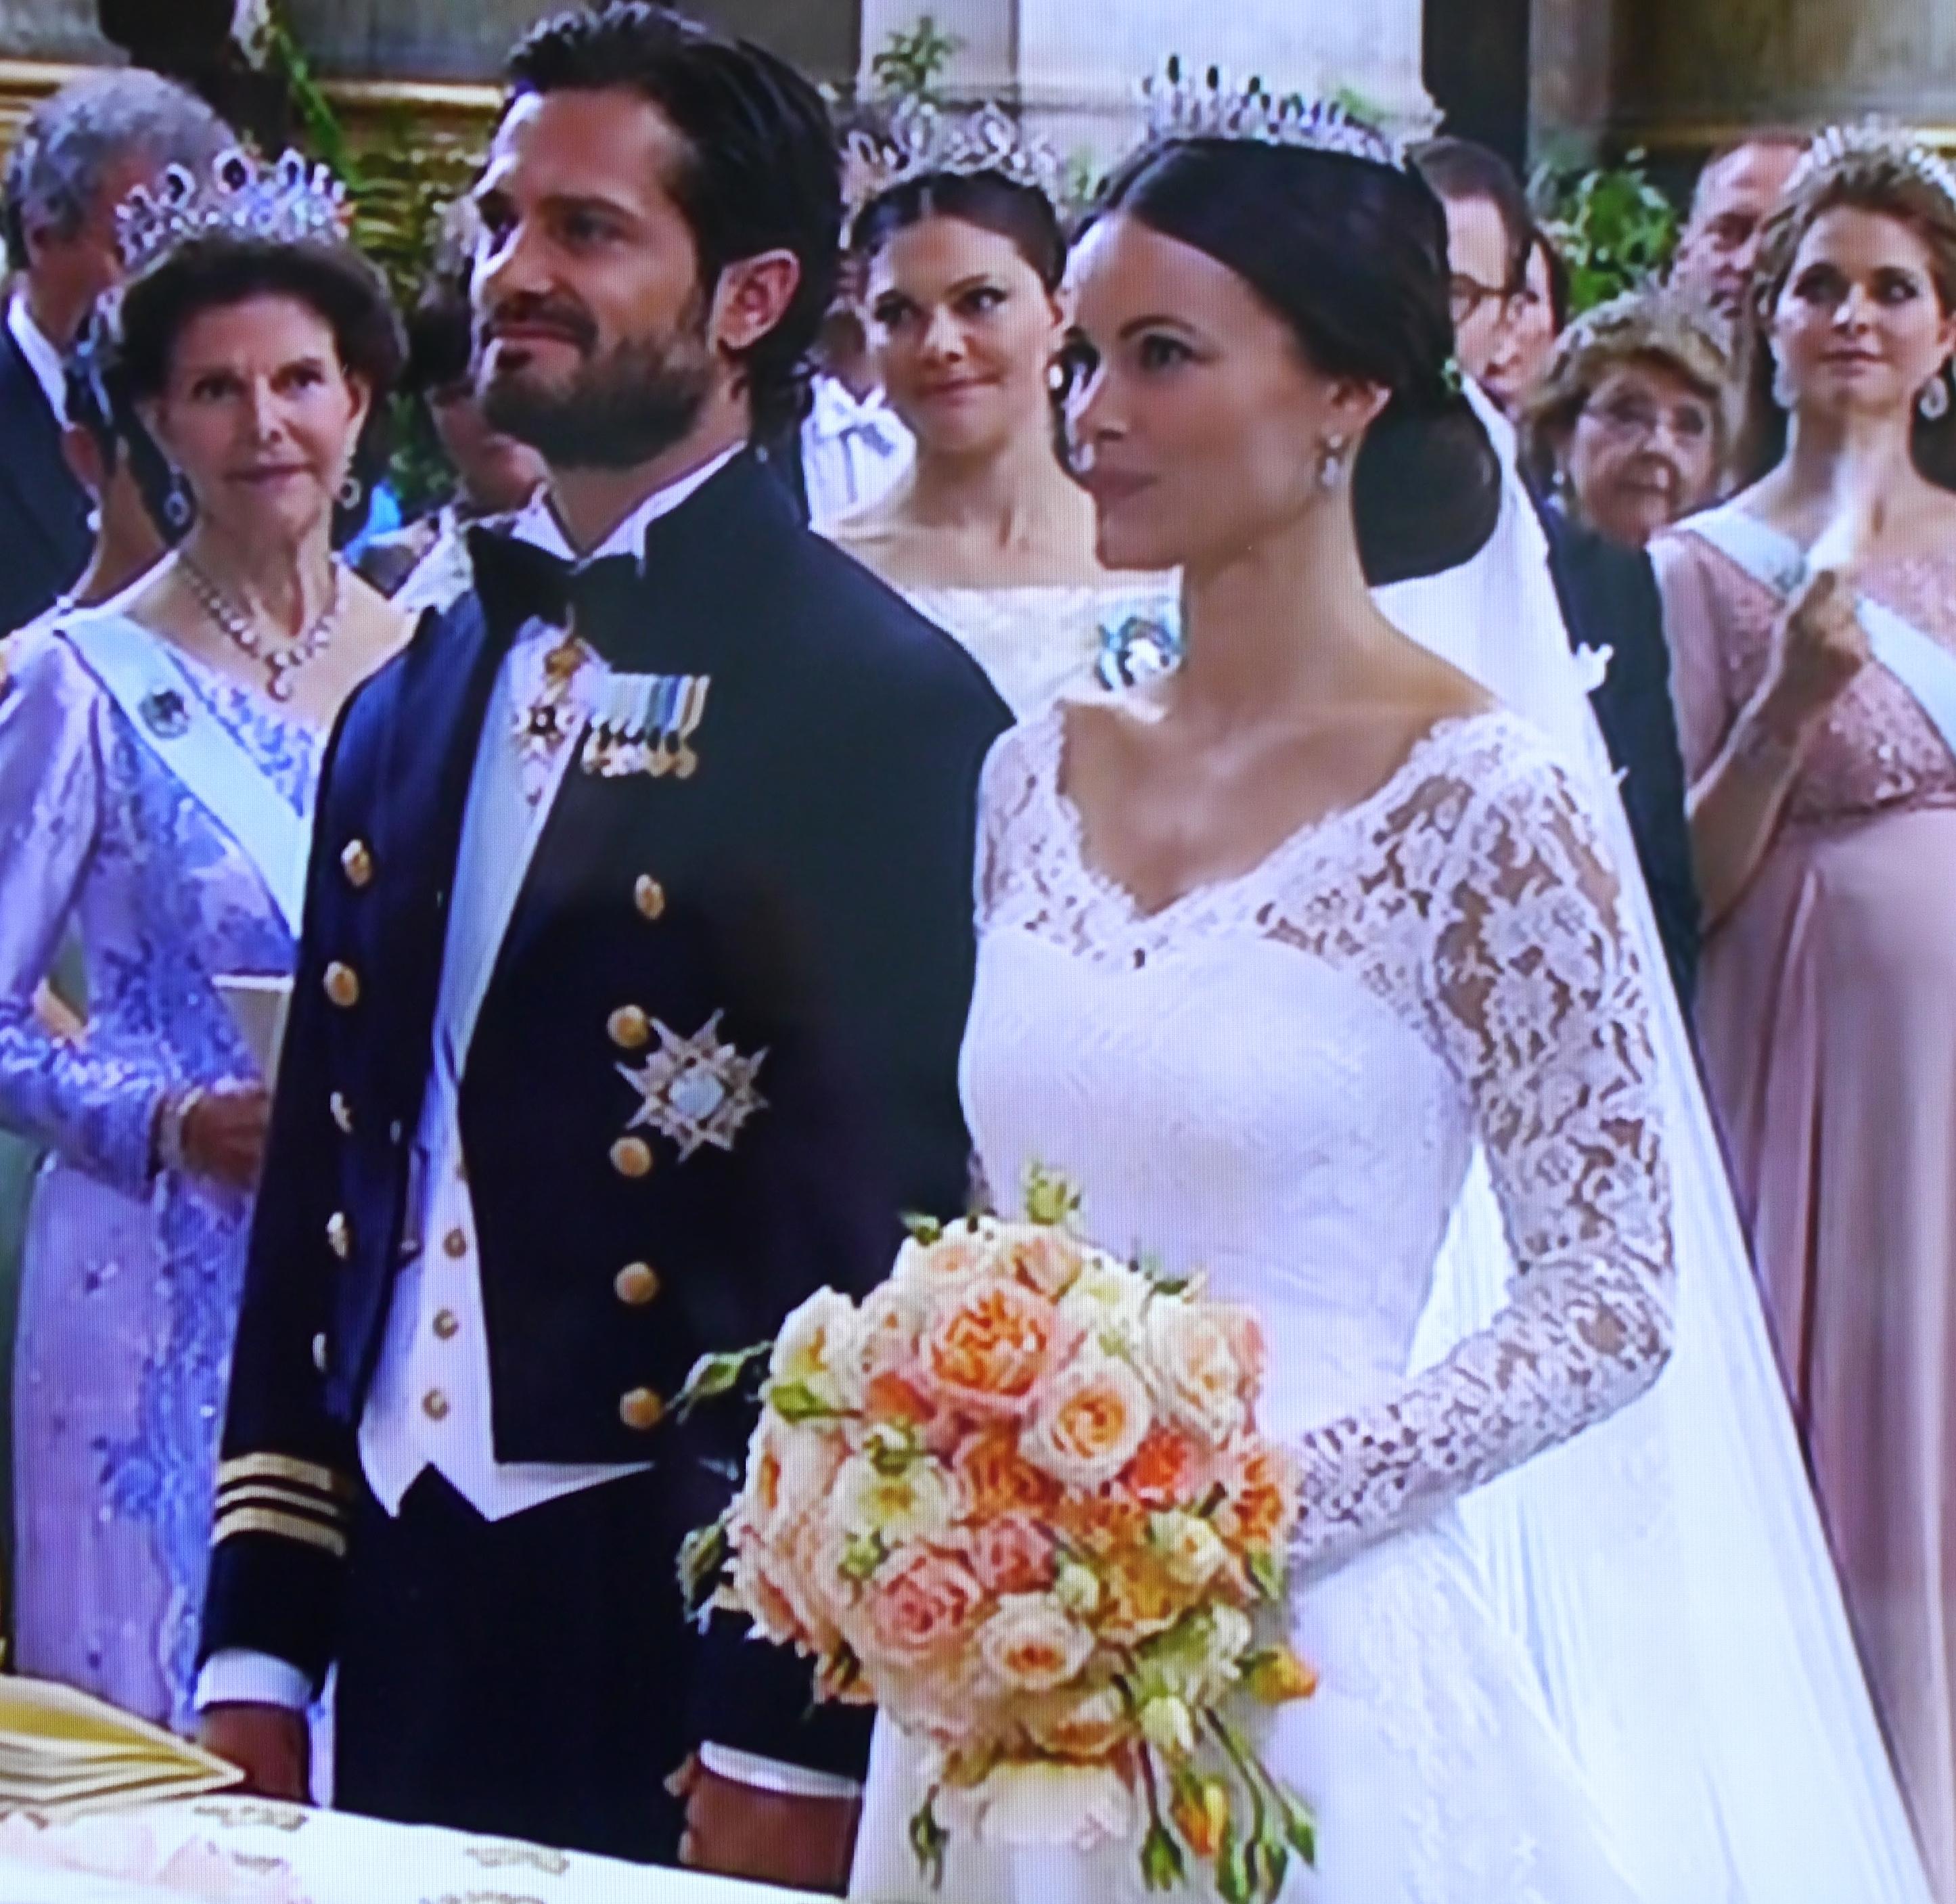 76c900fac63a Kungligt bröllop med fina tal.JPG